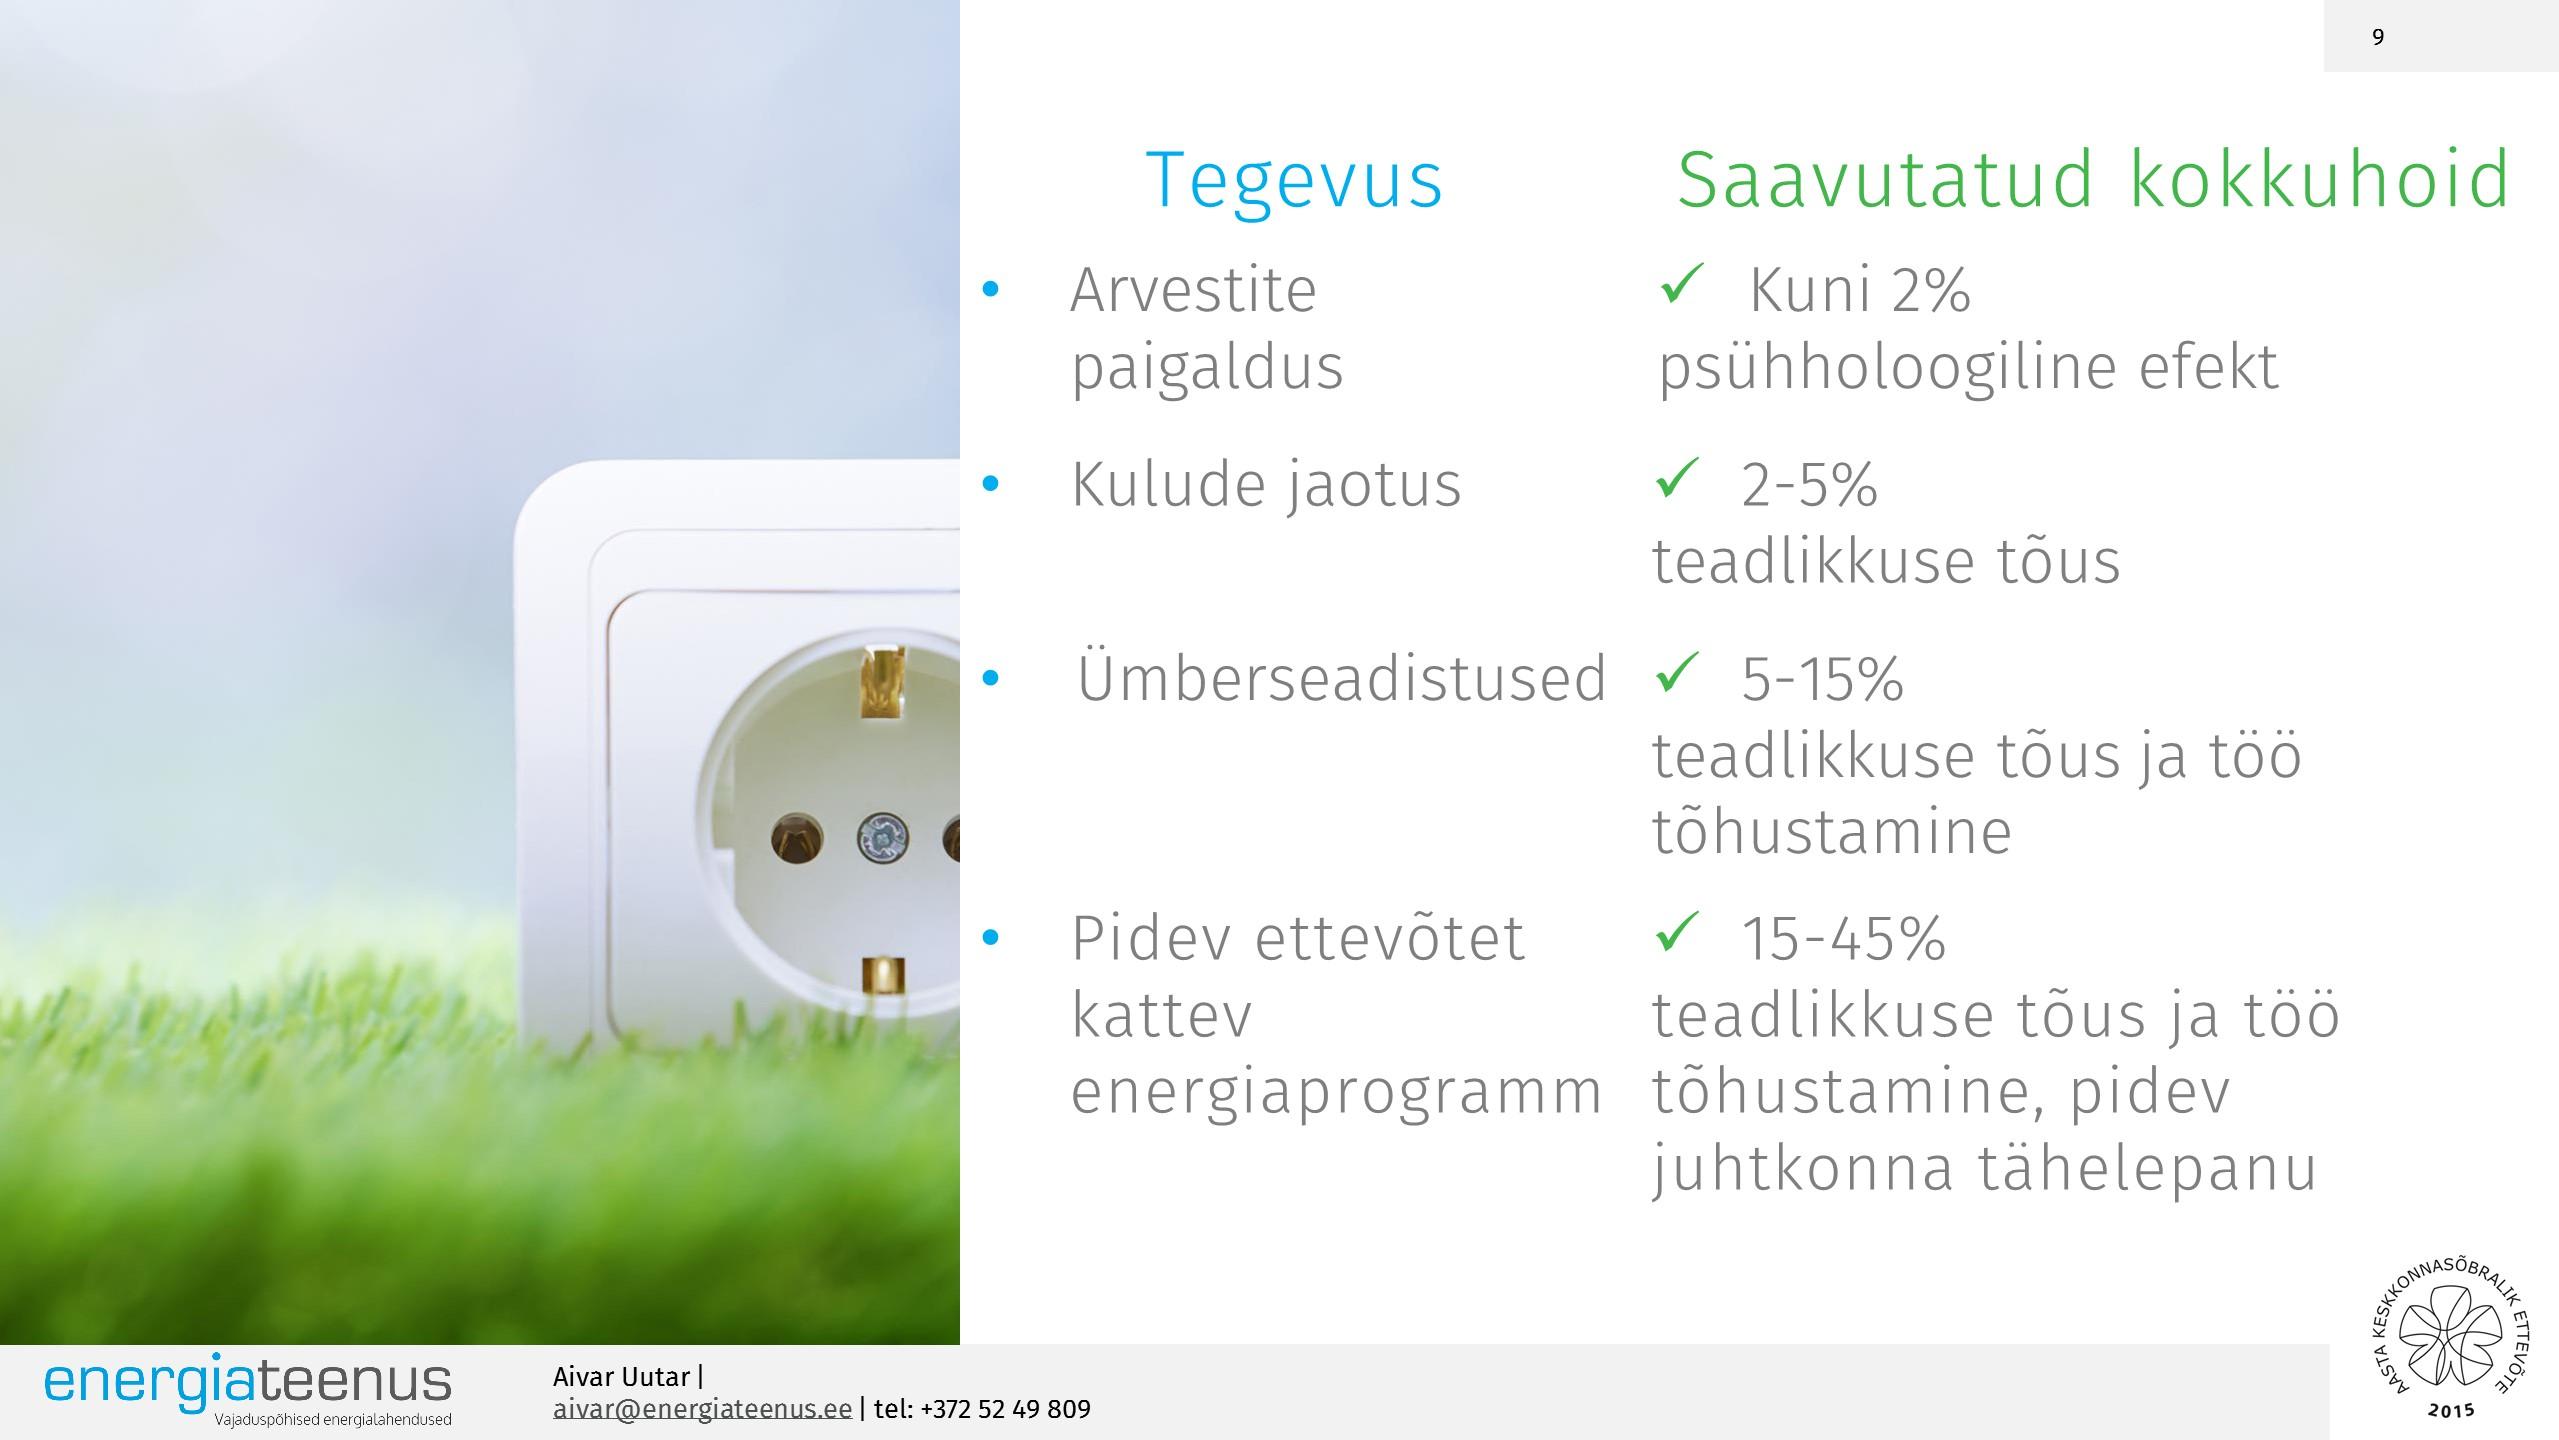 AU Energiateenus Energiakulude monitoorimissüsteem